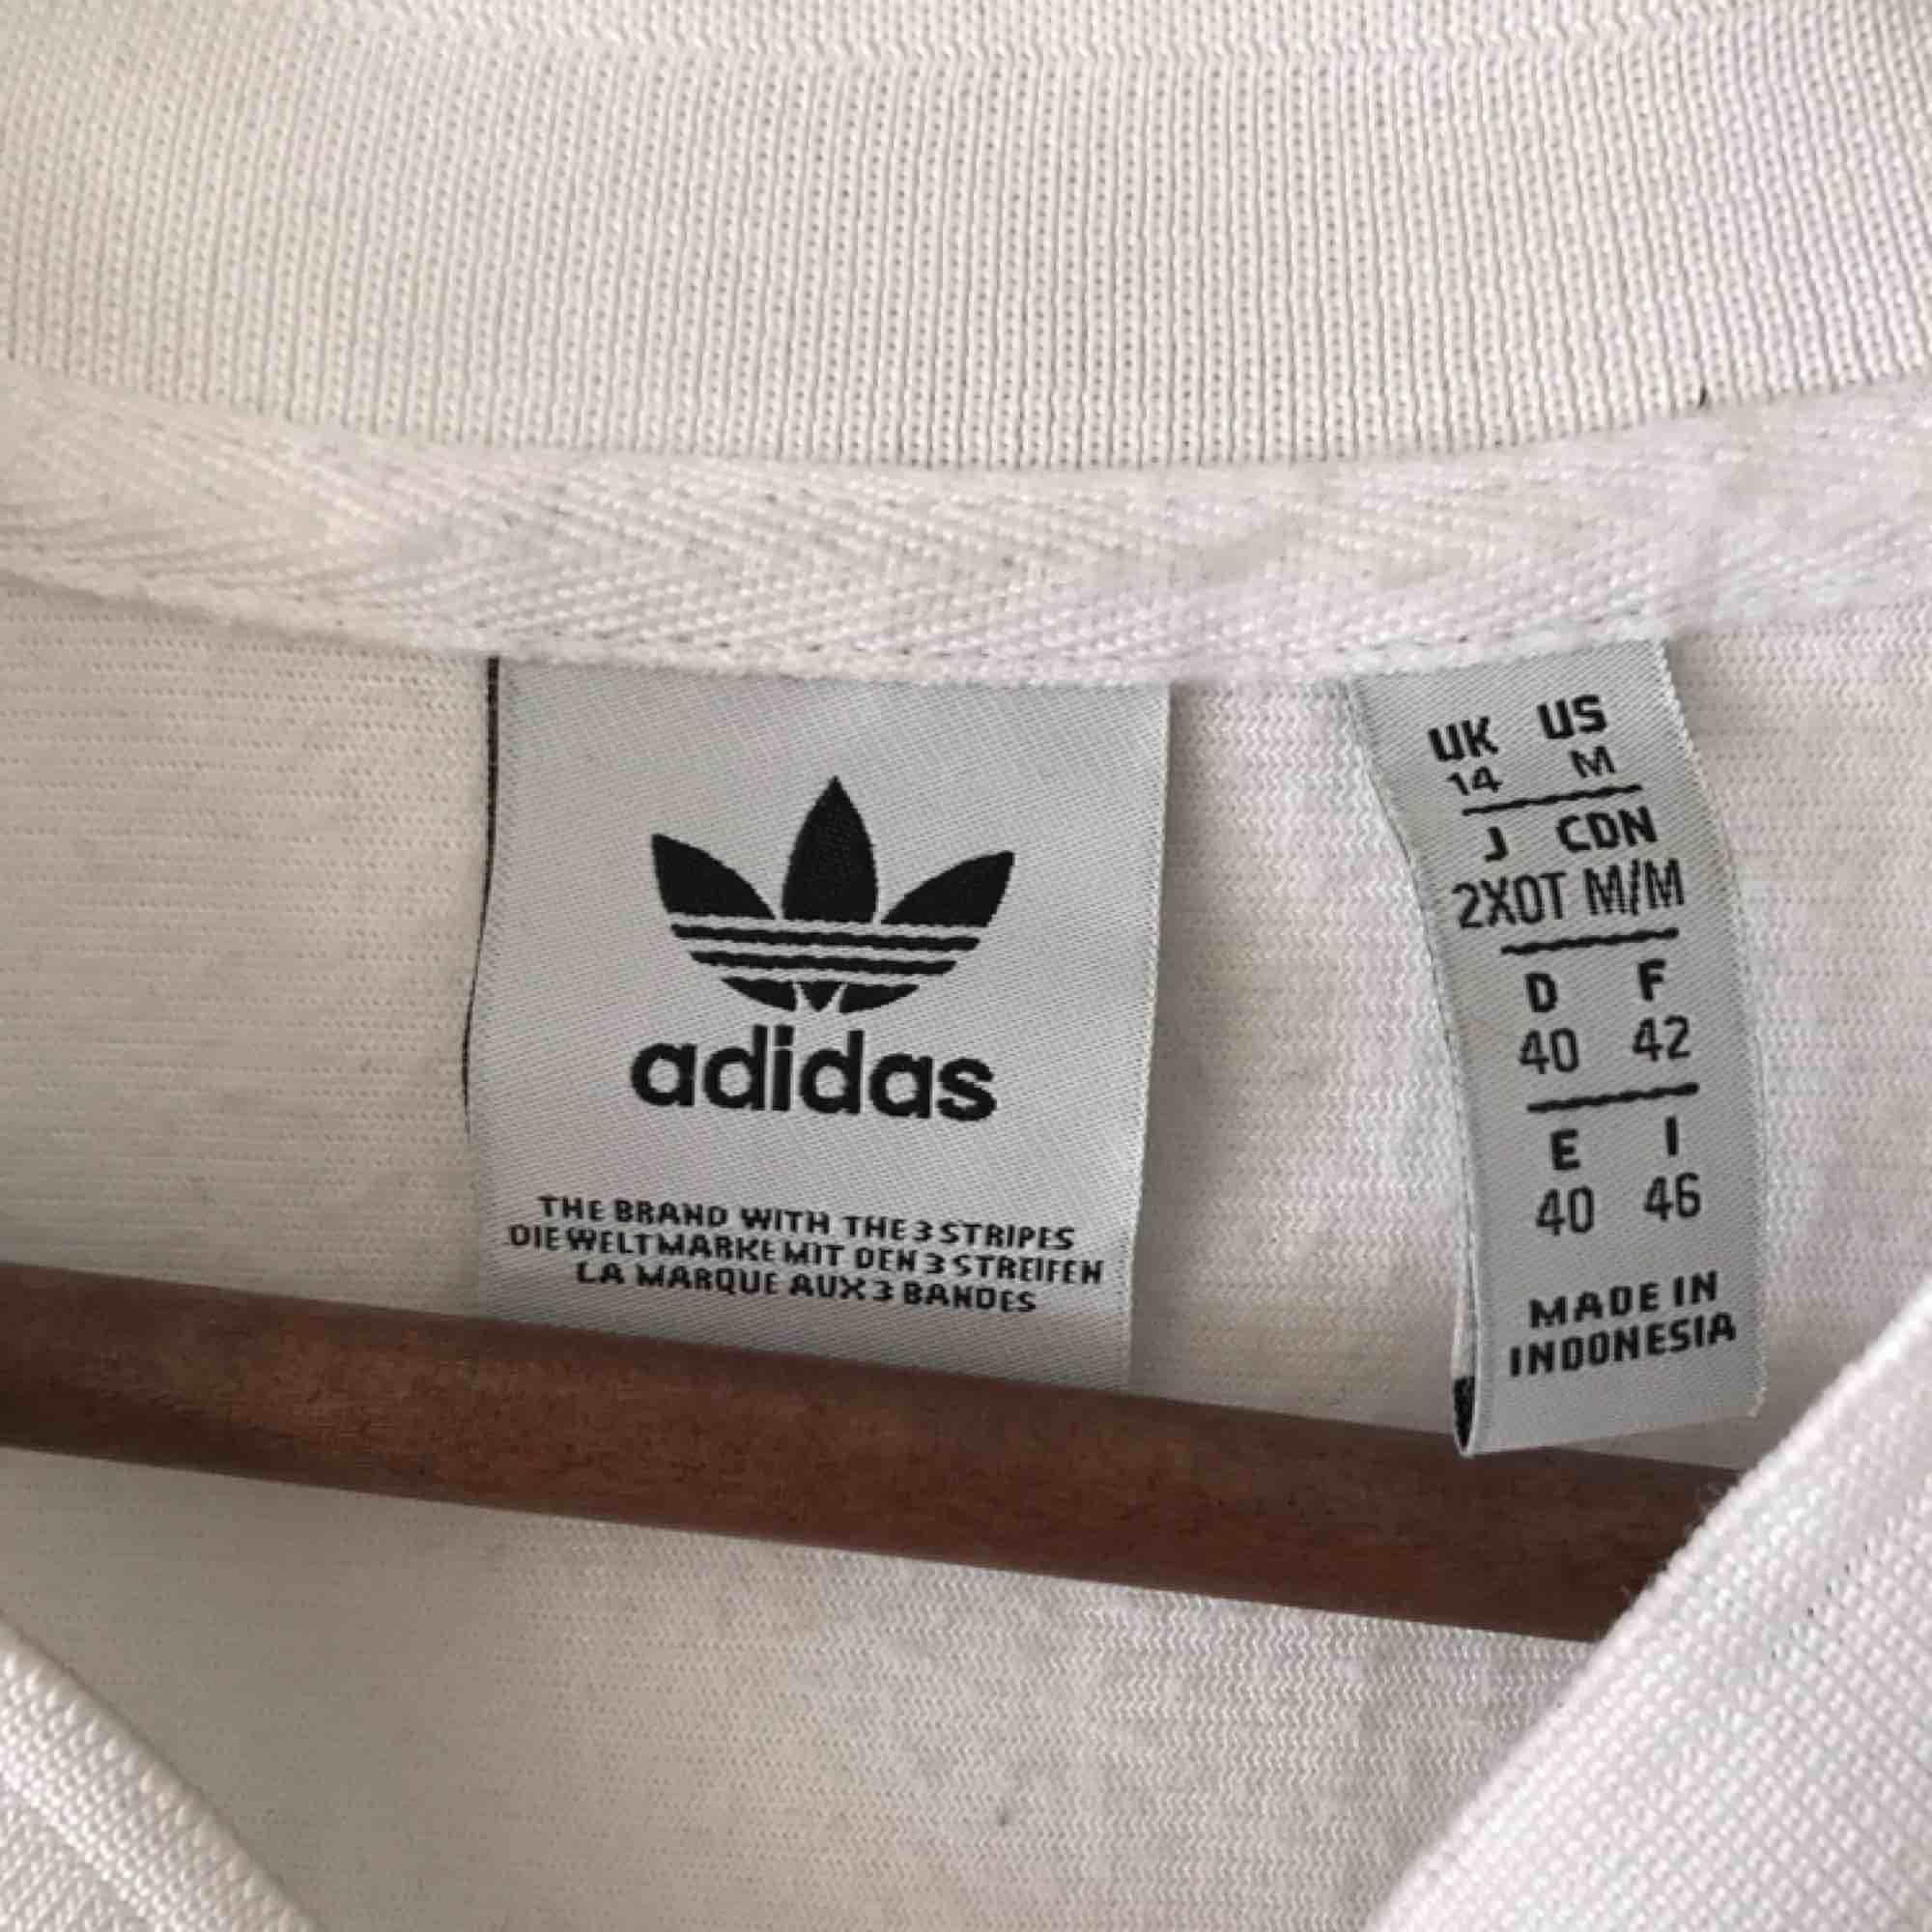 Snygg sportig Adidas-tisha i bra skick. Lite sminkfläckar vid kragen men tvättar såklart innan jag skickar. Använd några enstaka gånger, superbra skick! . T-shirts.